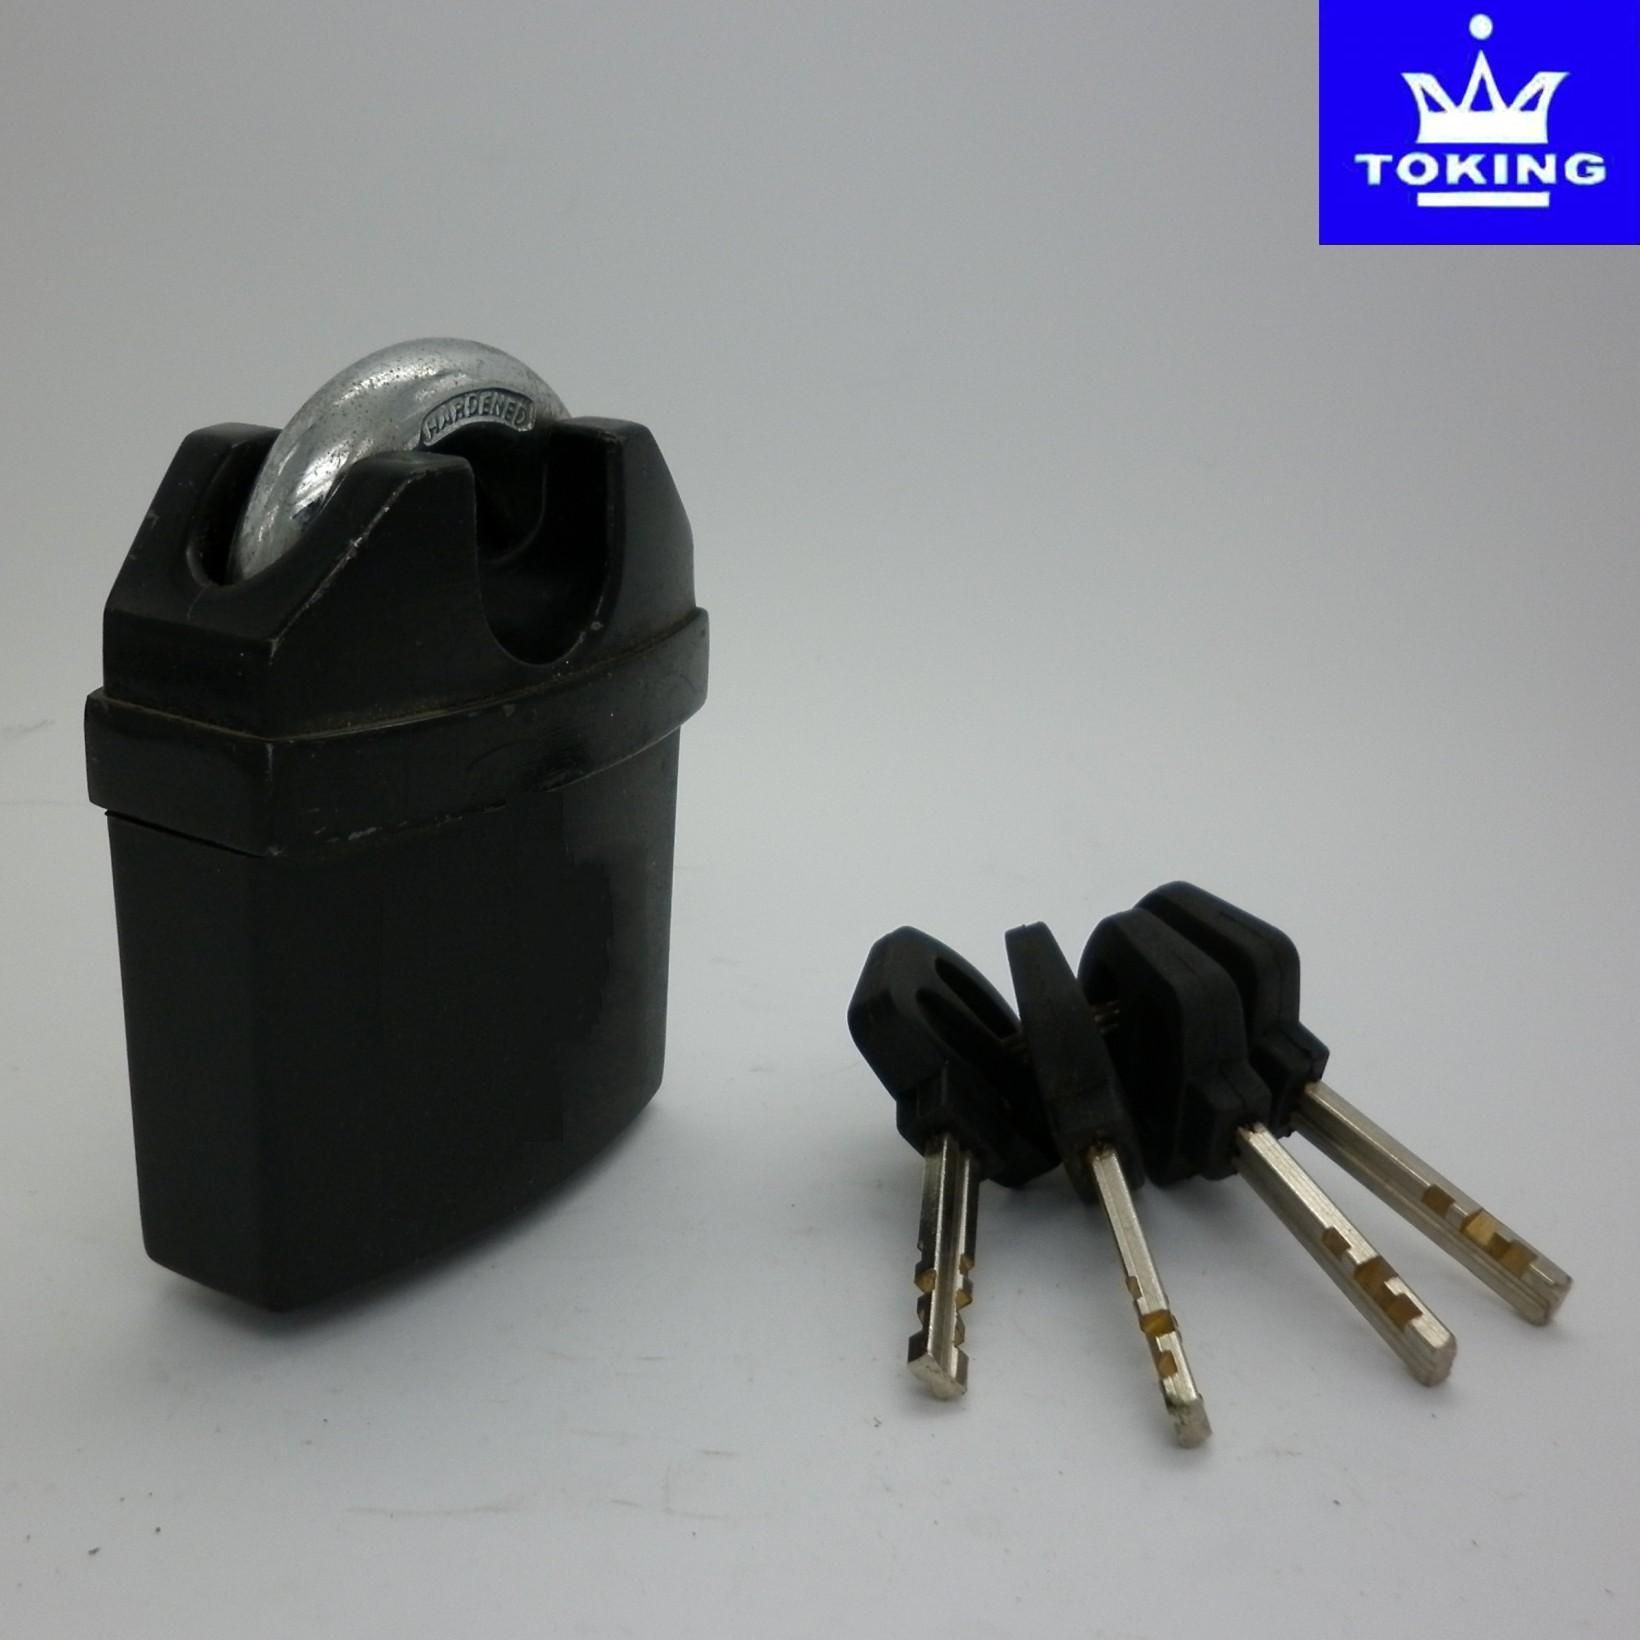 Plastic Armored Lock with Vane Keys (1312)